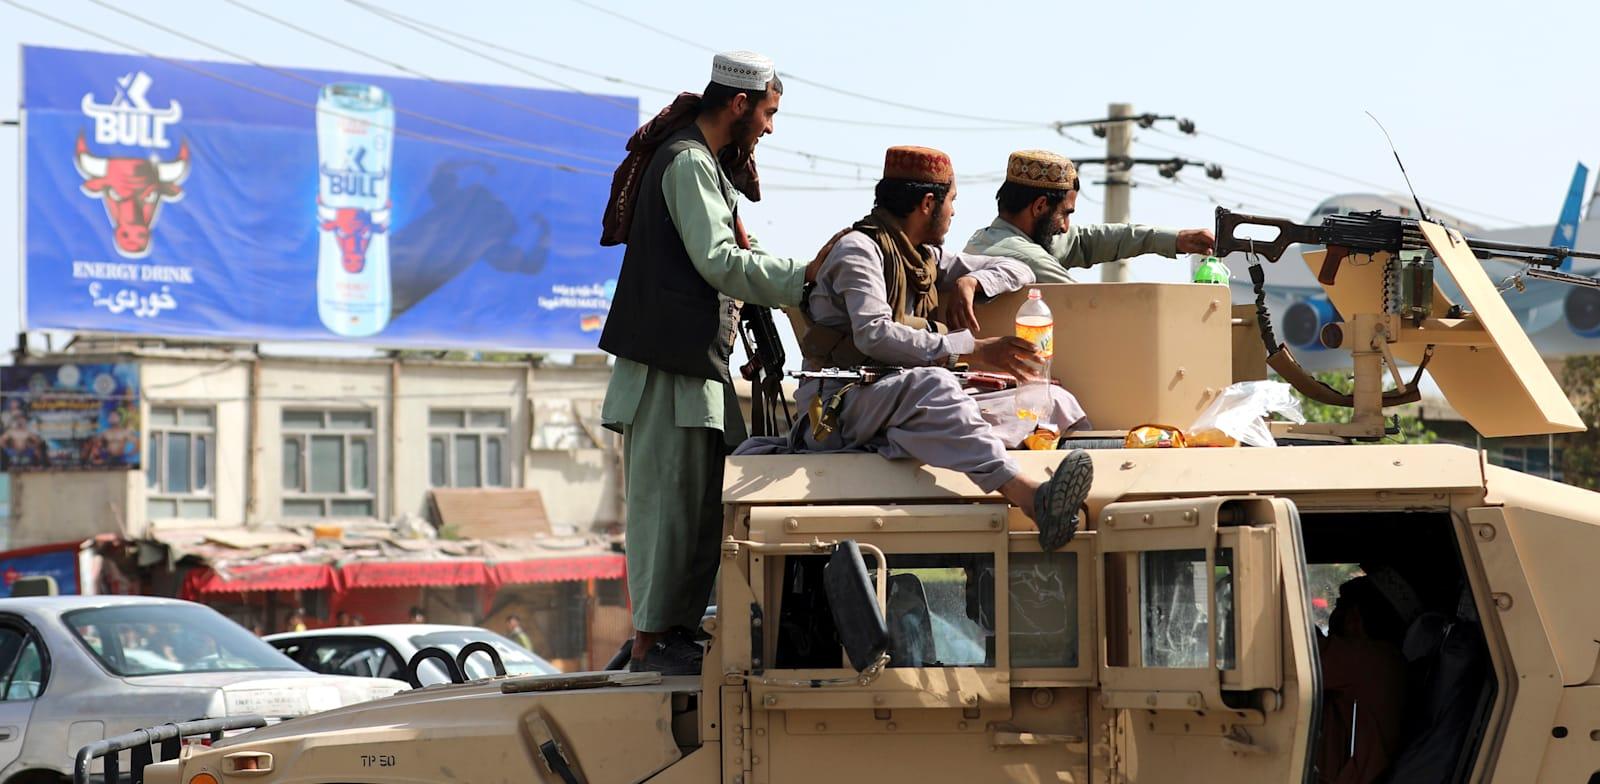 אנשי הטליבאן סמוך לשדה התעופה בקאבול / צילום: Associated Press, Rahmat Gul